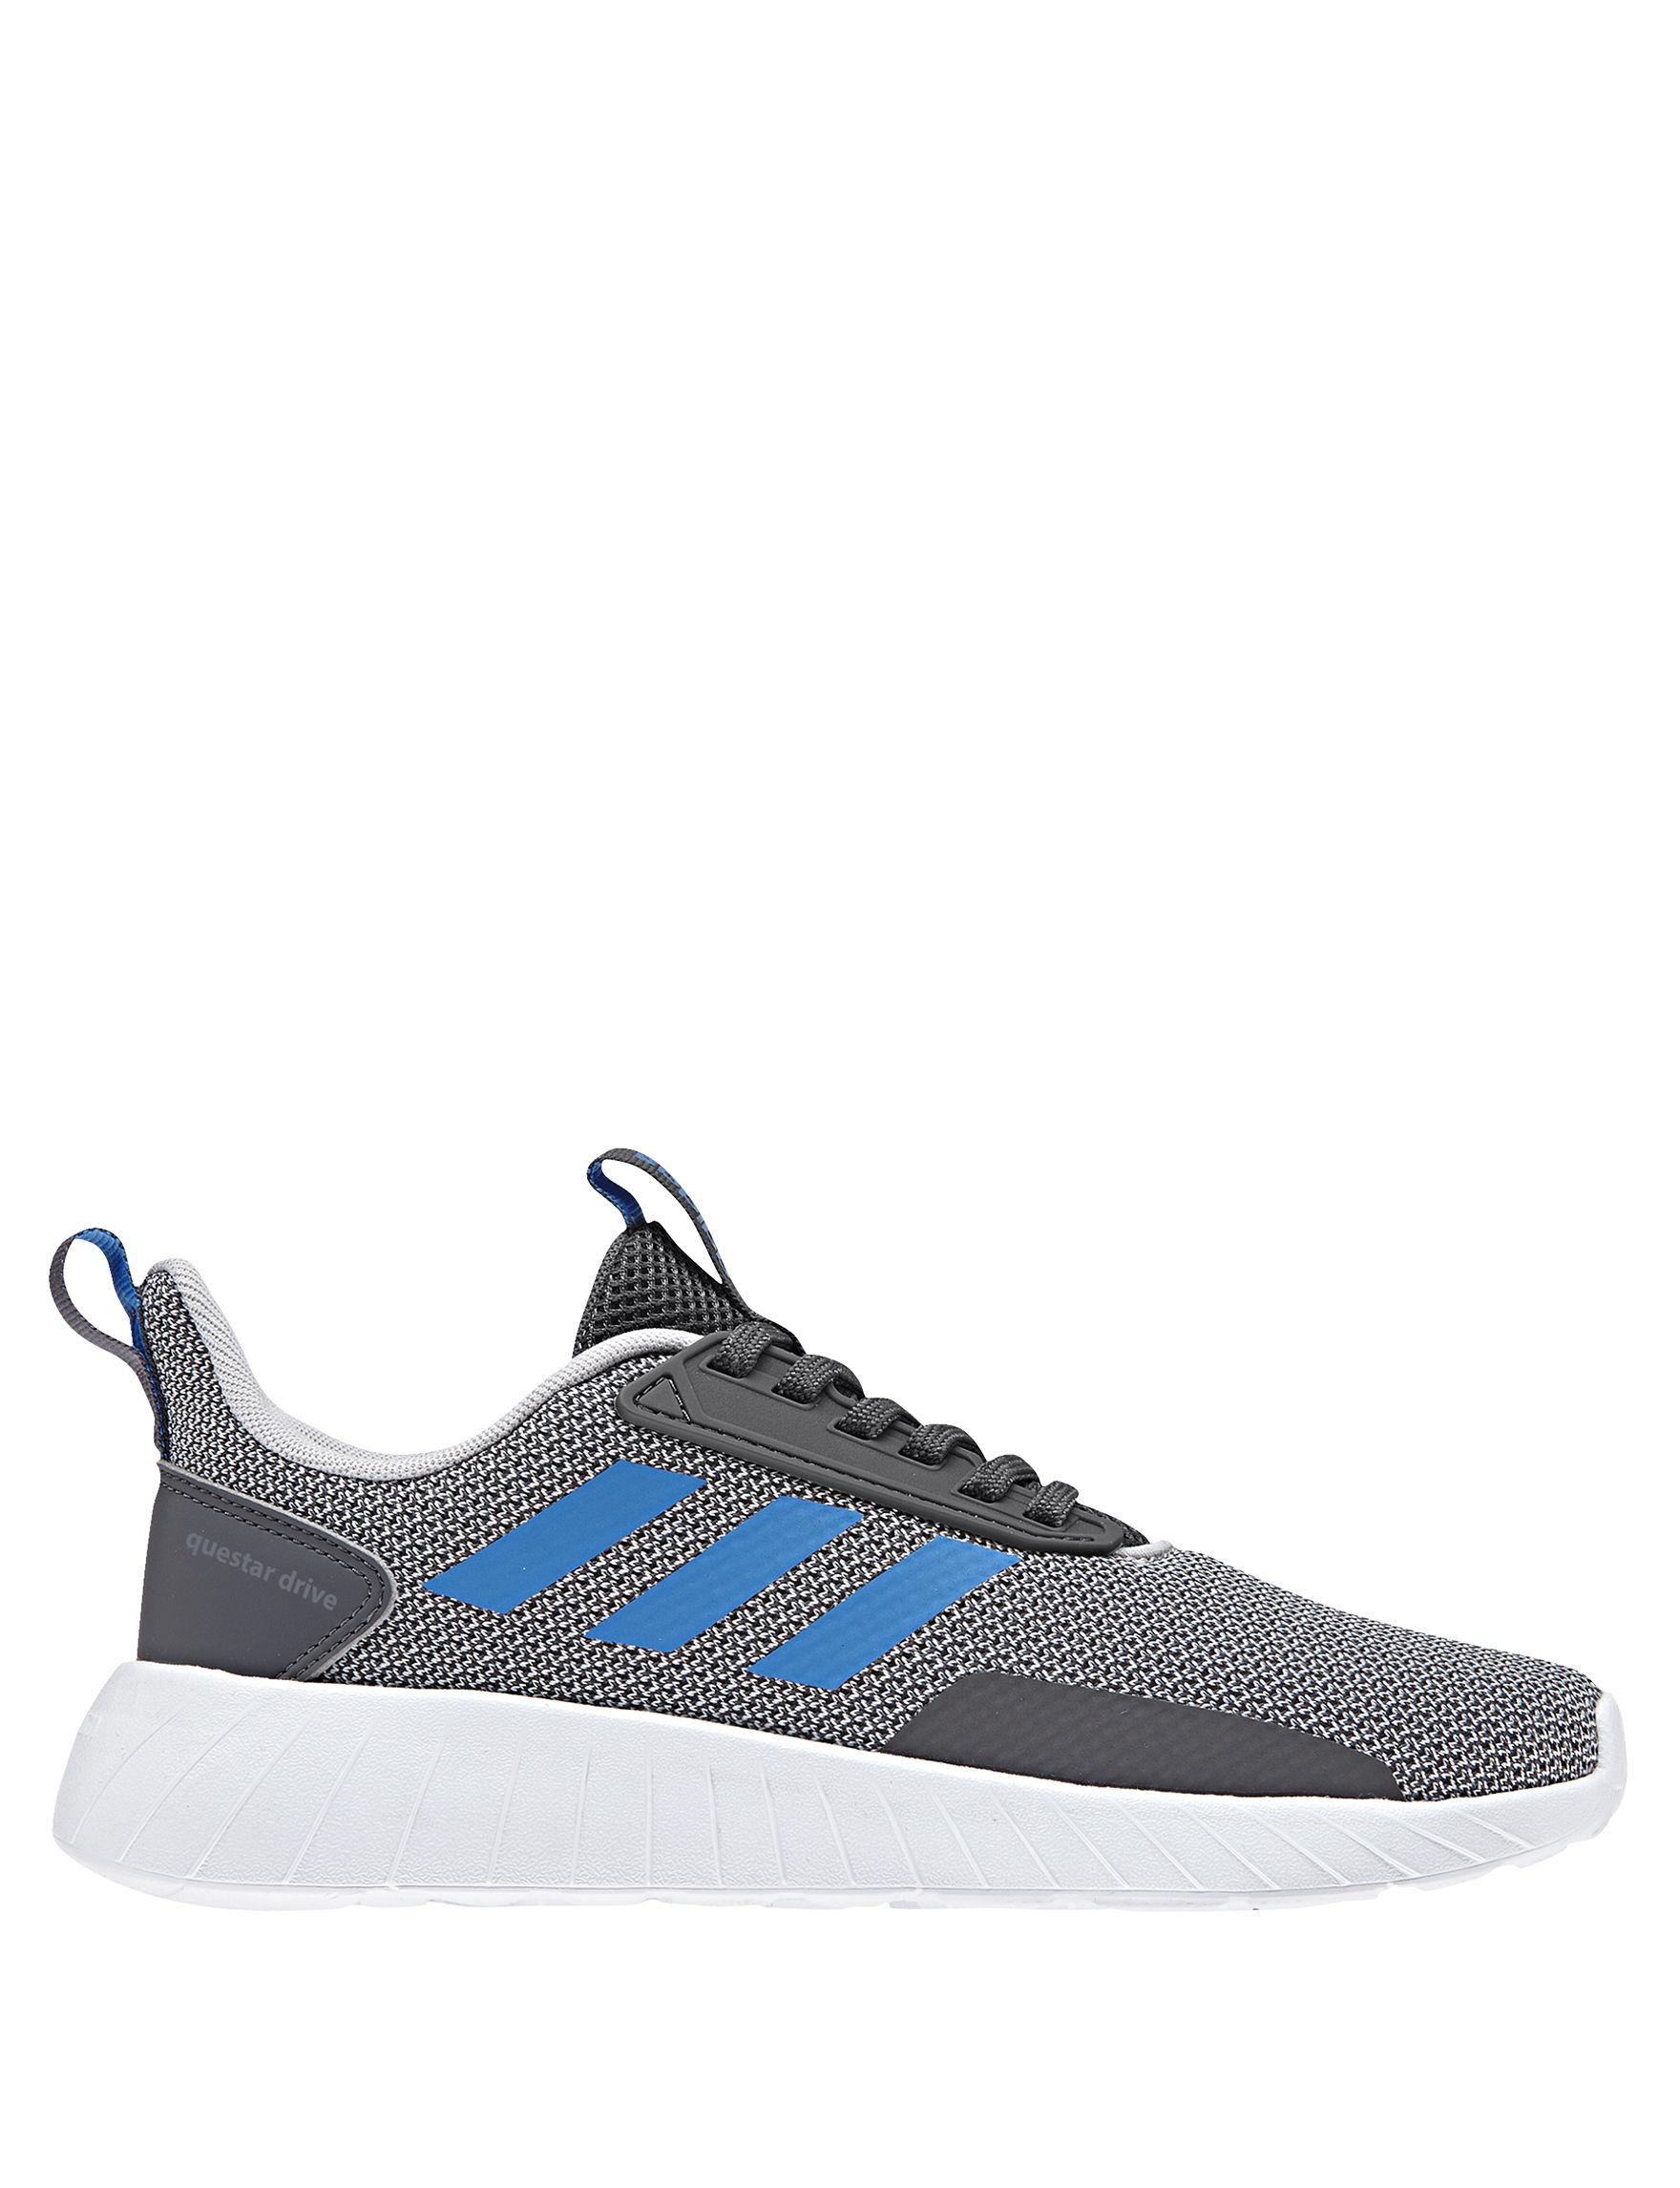 Adidas Blue / Grey